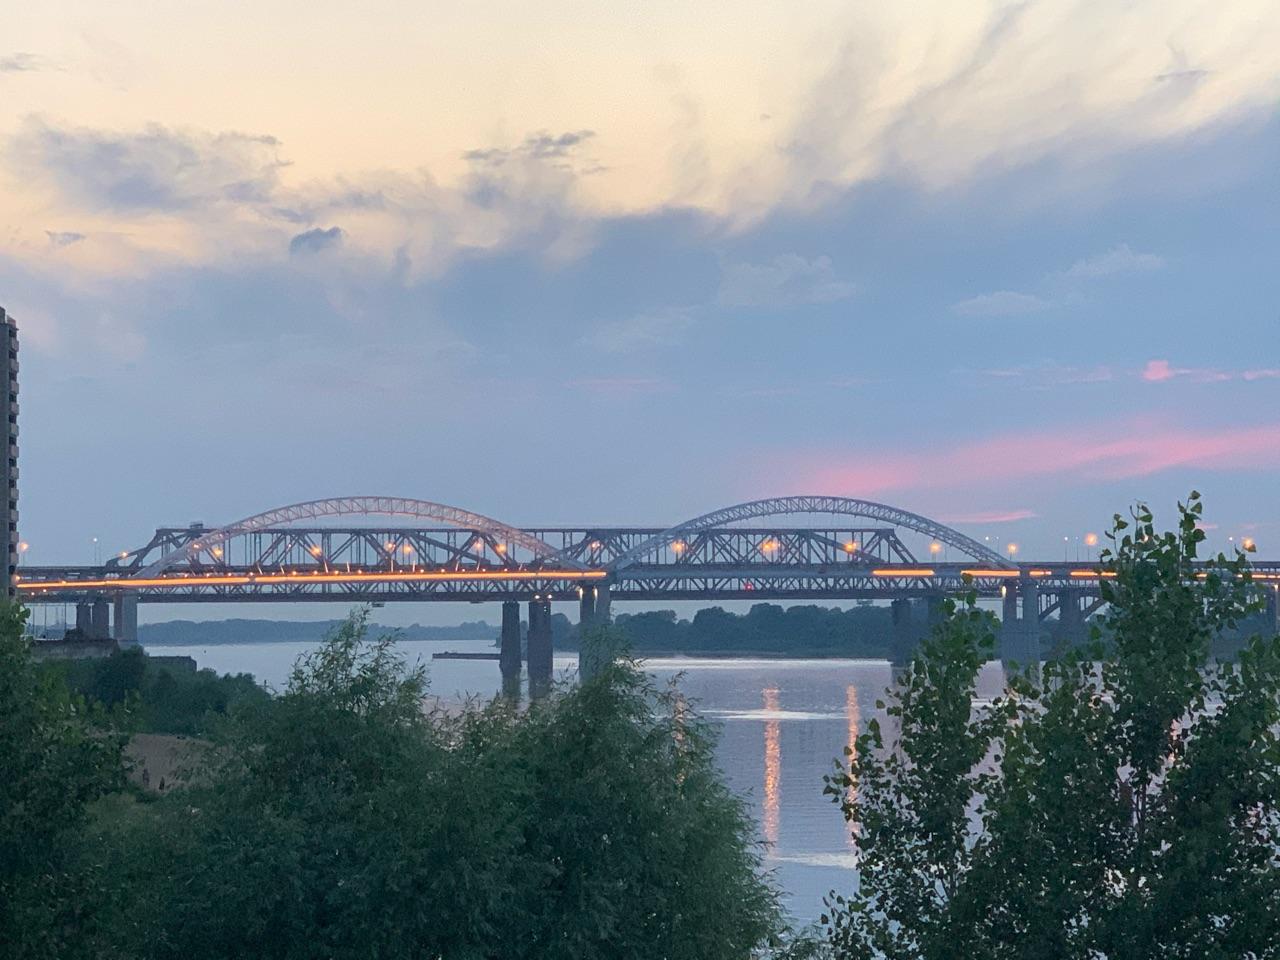 Нижегородцы определят место для стелы в честь звания, присвоенного Нижнему Новгороду - фото 1